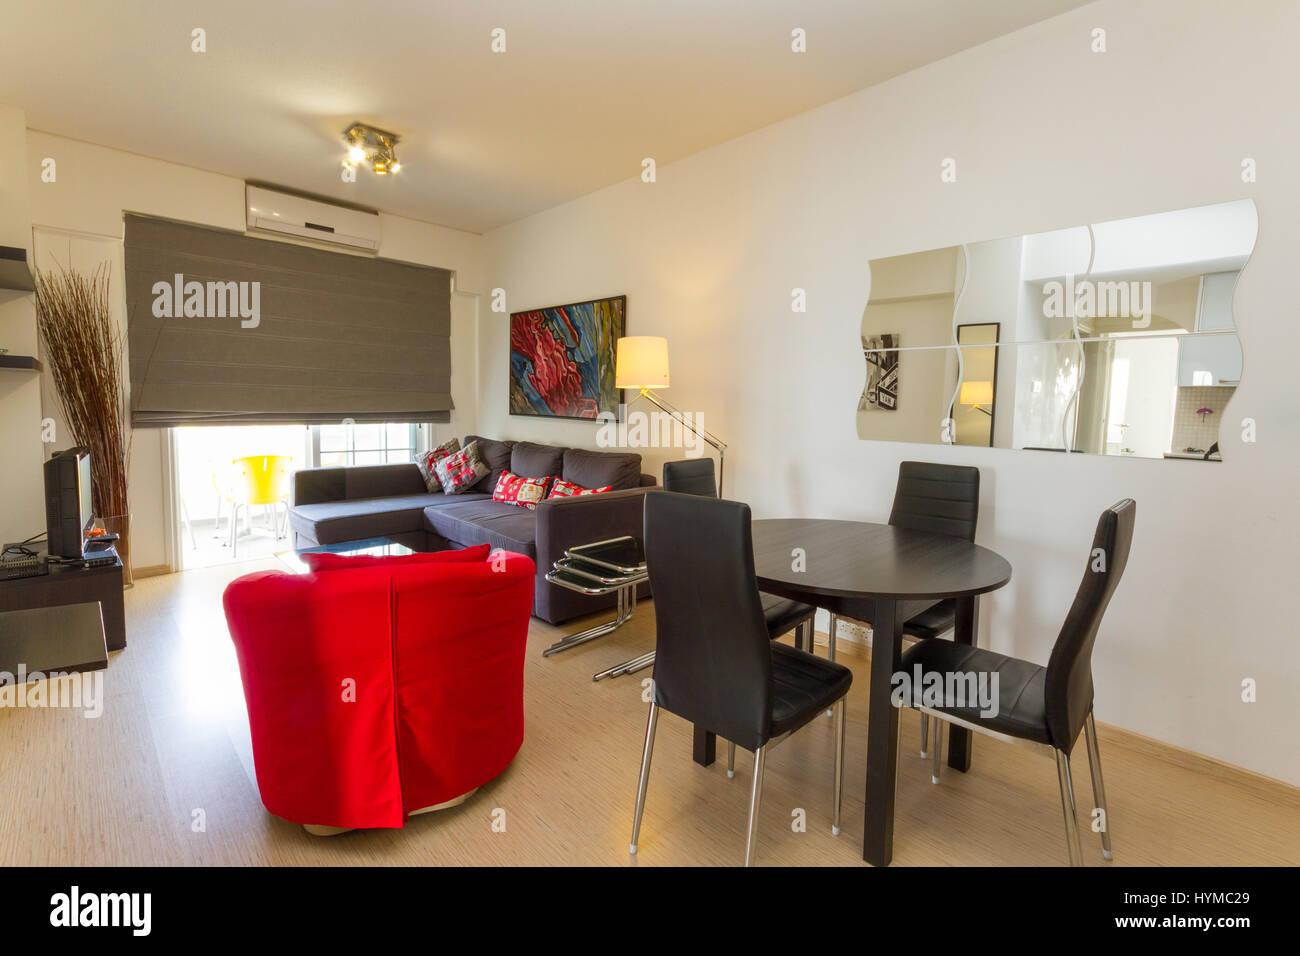 Modernes Wohnzimmer In Wenge Brown Und Roten Farben Mit Sofa, Sessel,  Stühle Und Tisch